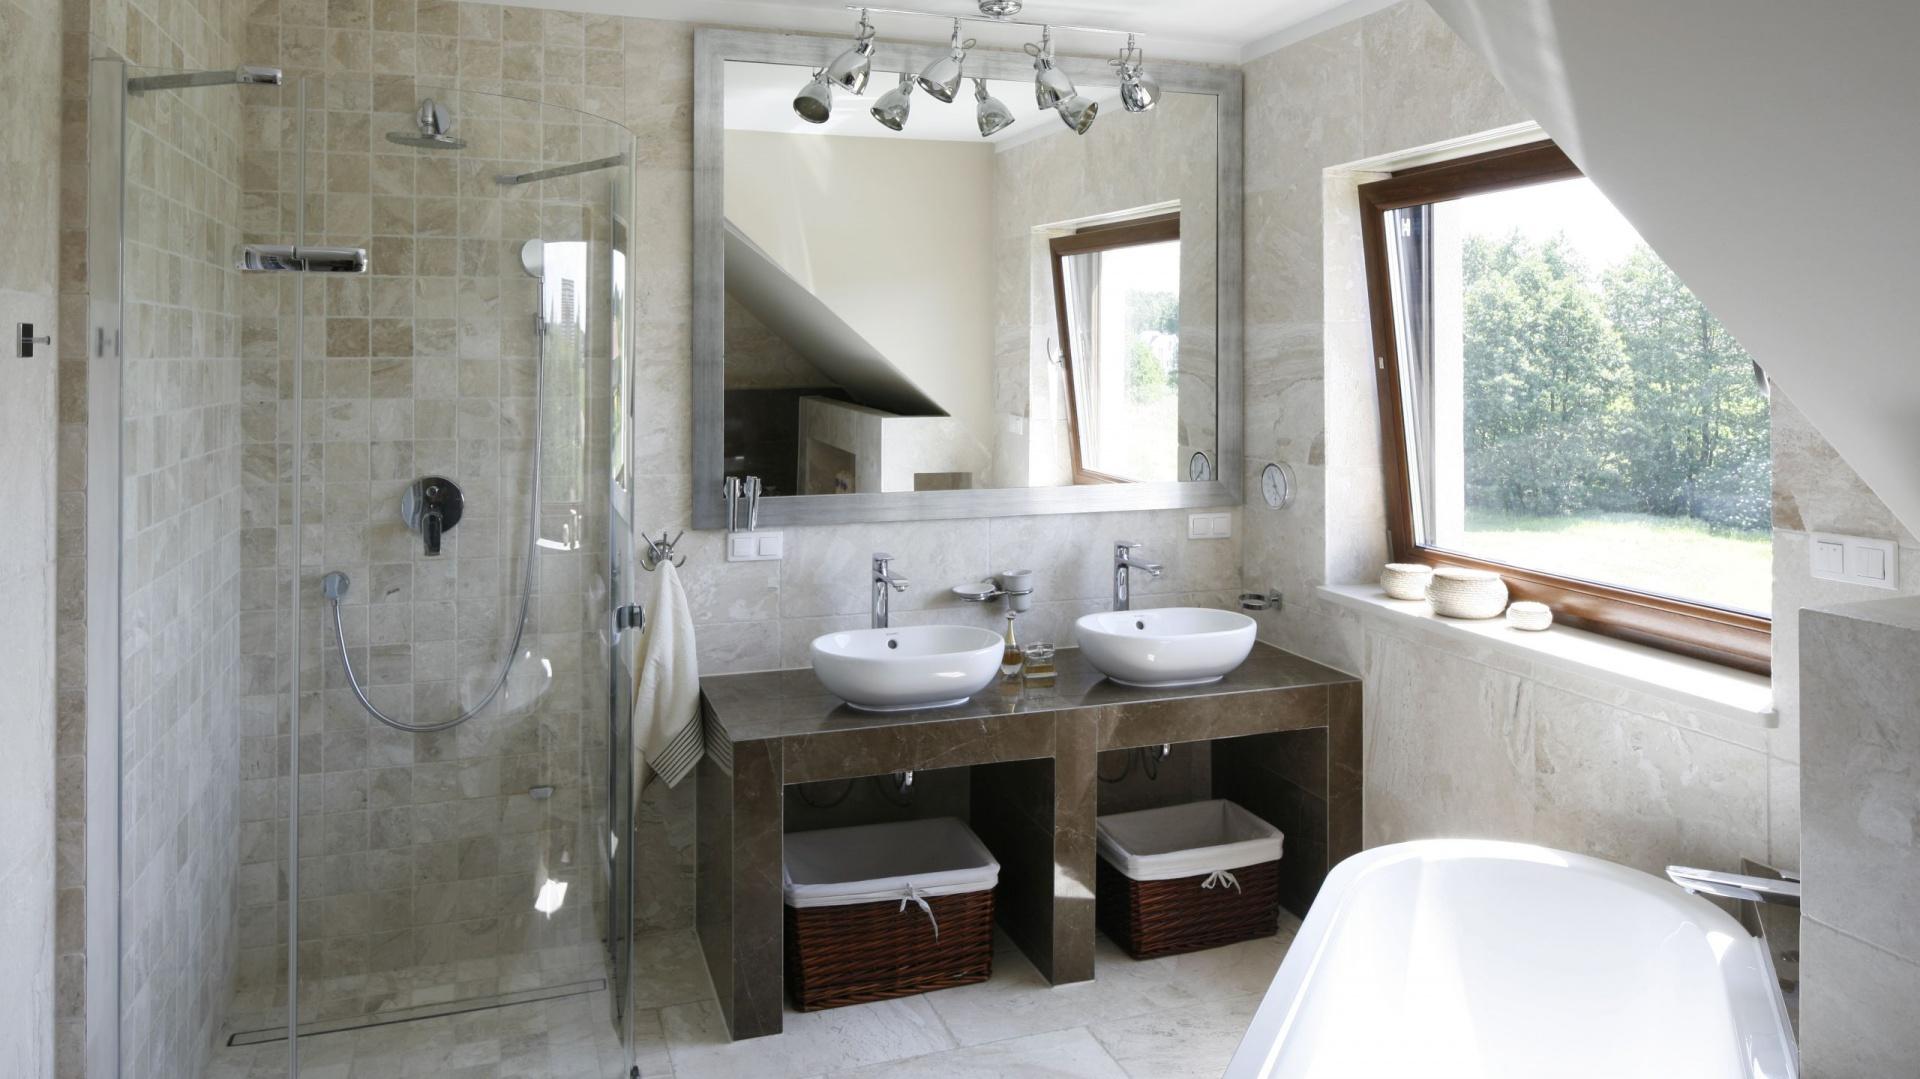 Elegancka łazienka w beżach to wnętrze stworzone z myślą o wygodzie dwóch osób. Fot. Bartosz Jarosz.